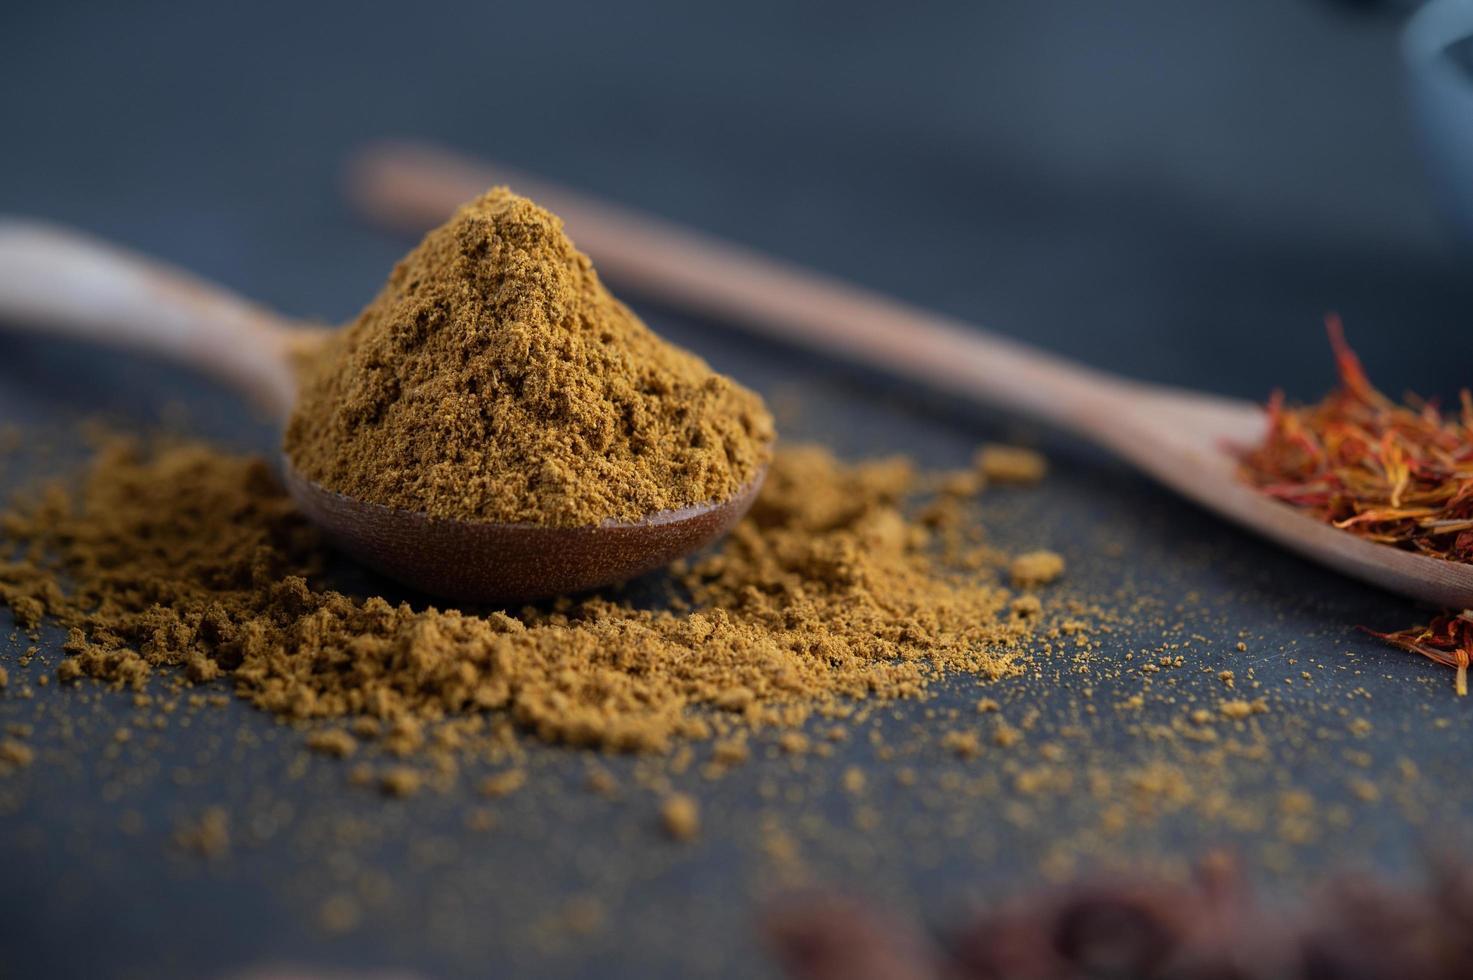 épice de paprika frais photo